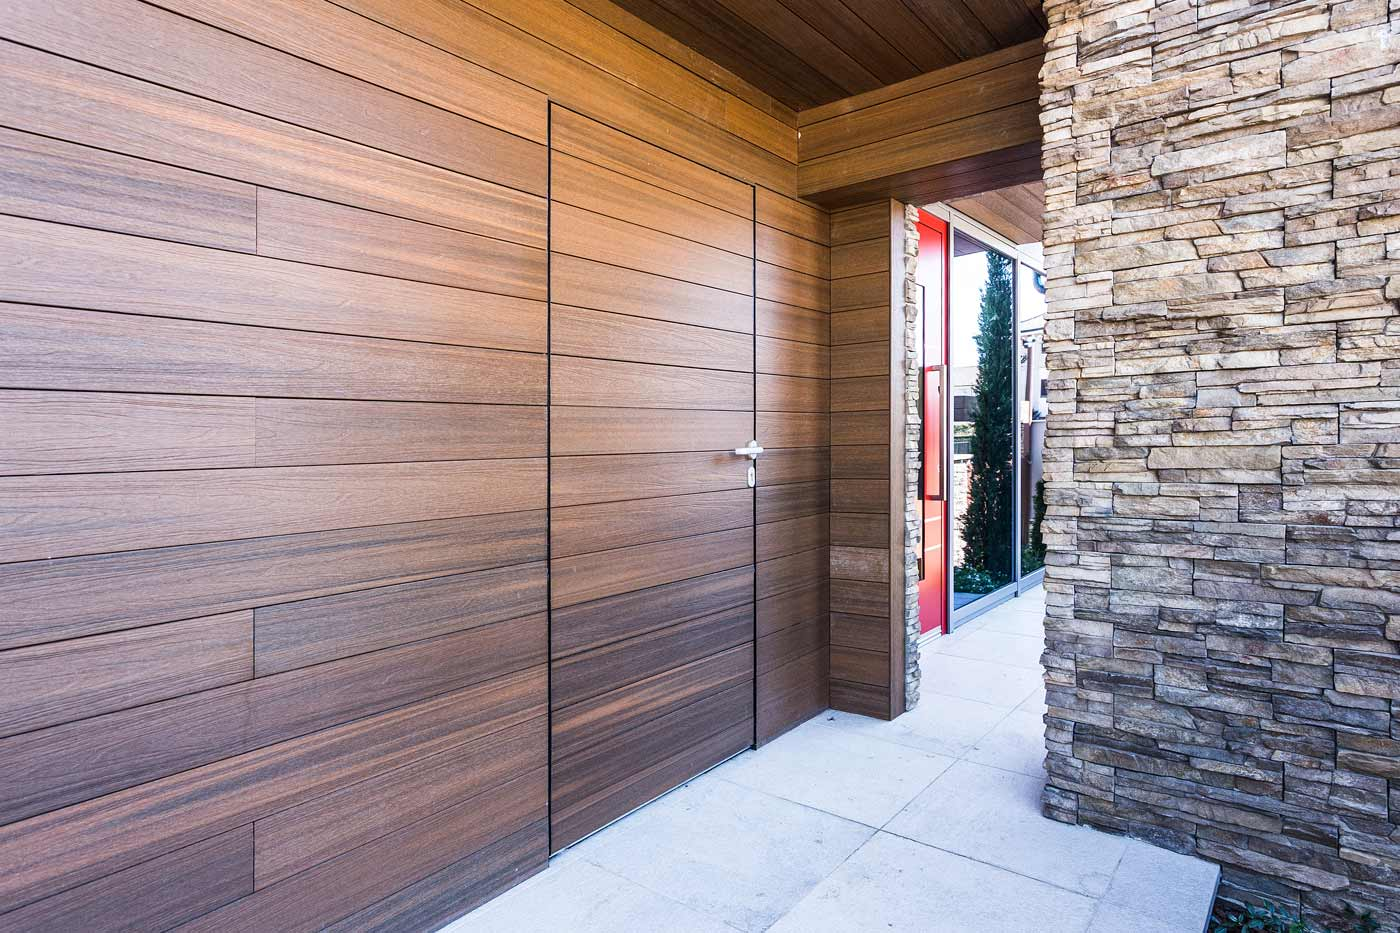 Installazione di porte e finestre in alluminio residenza privata a settimo torinese - Porte e finestre in alluminio ...